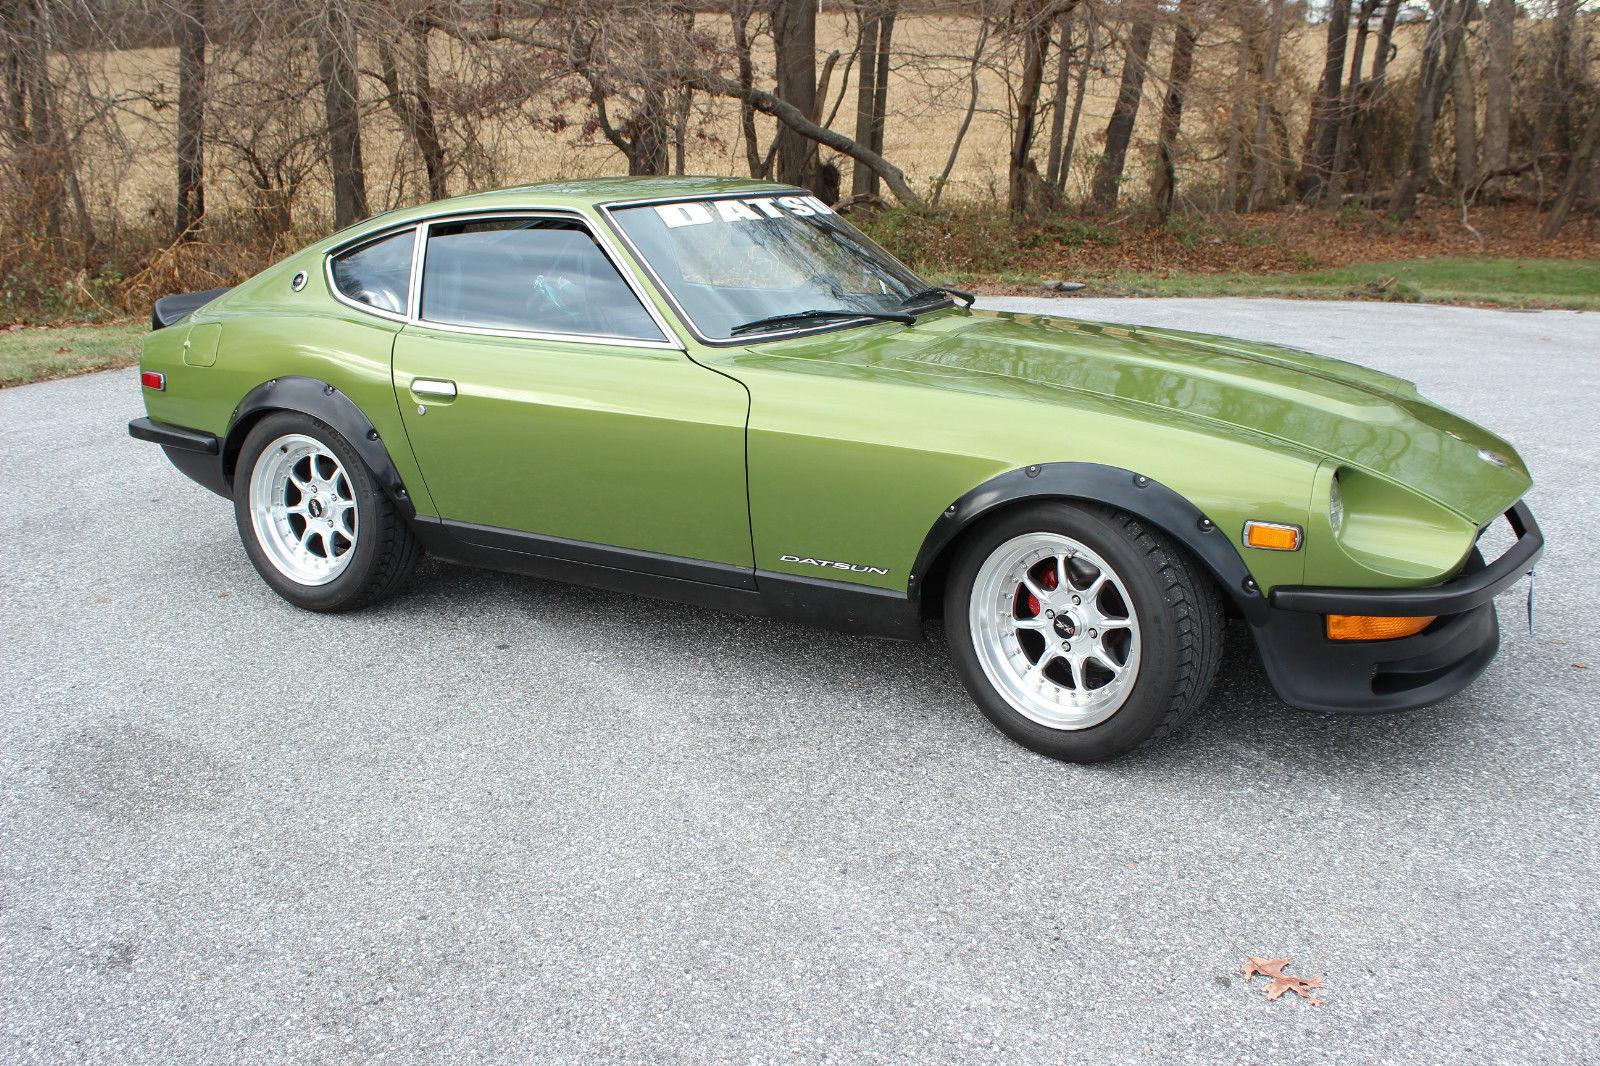 Nissan Of Chesapeake >> Beautifully Restored and Modified 1972 Datsun 240Z